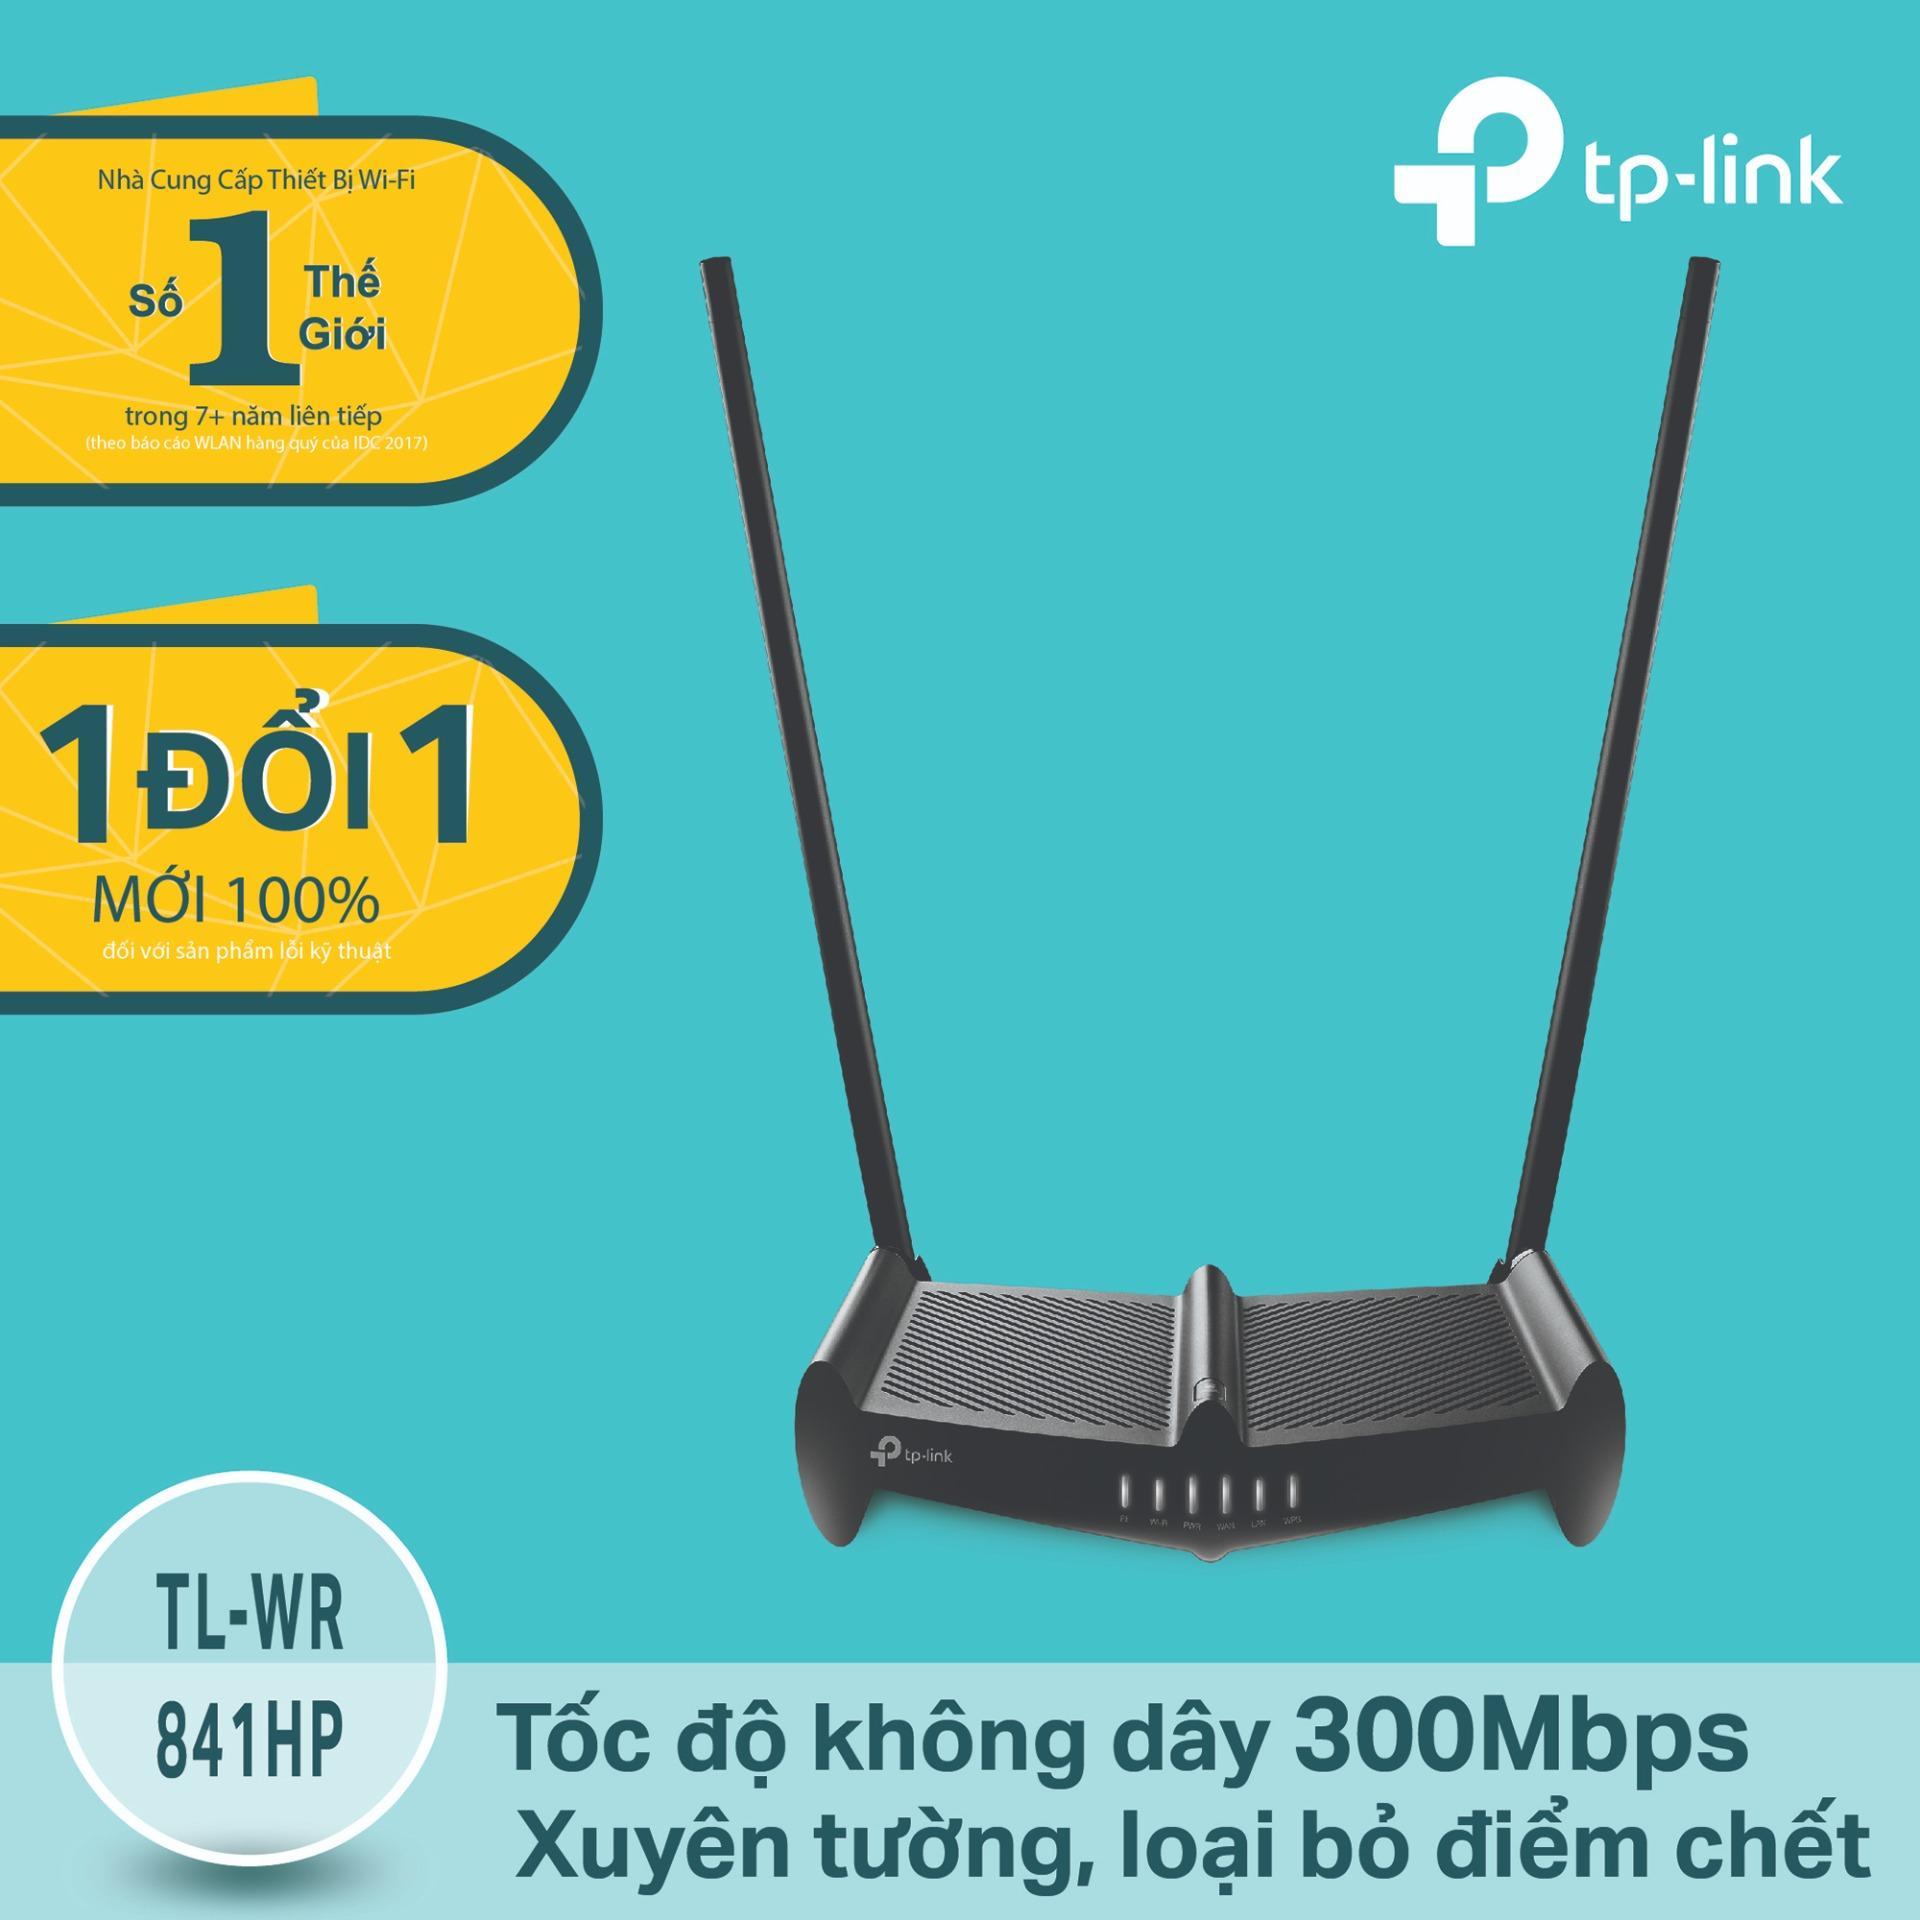 Bán Tp Link Tl Wr841Hp Router Wi Fi Chuẩn N 300Mbps Cong Suất Cao Hang Phan Phối Chinh Thức Rẻ Trong Hồ Chí Minh